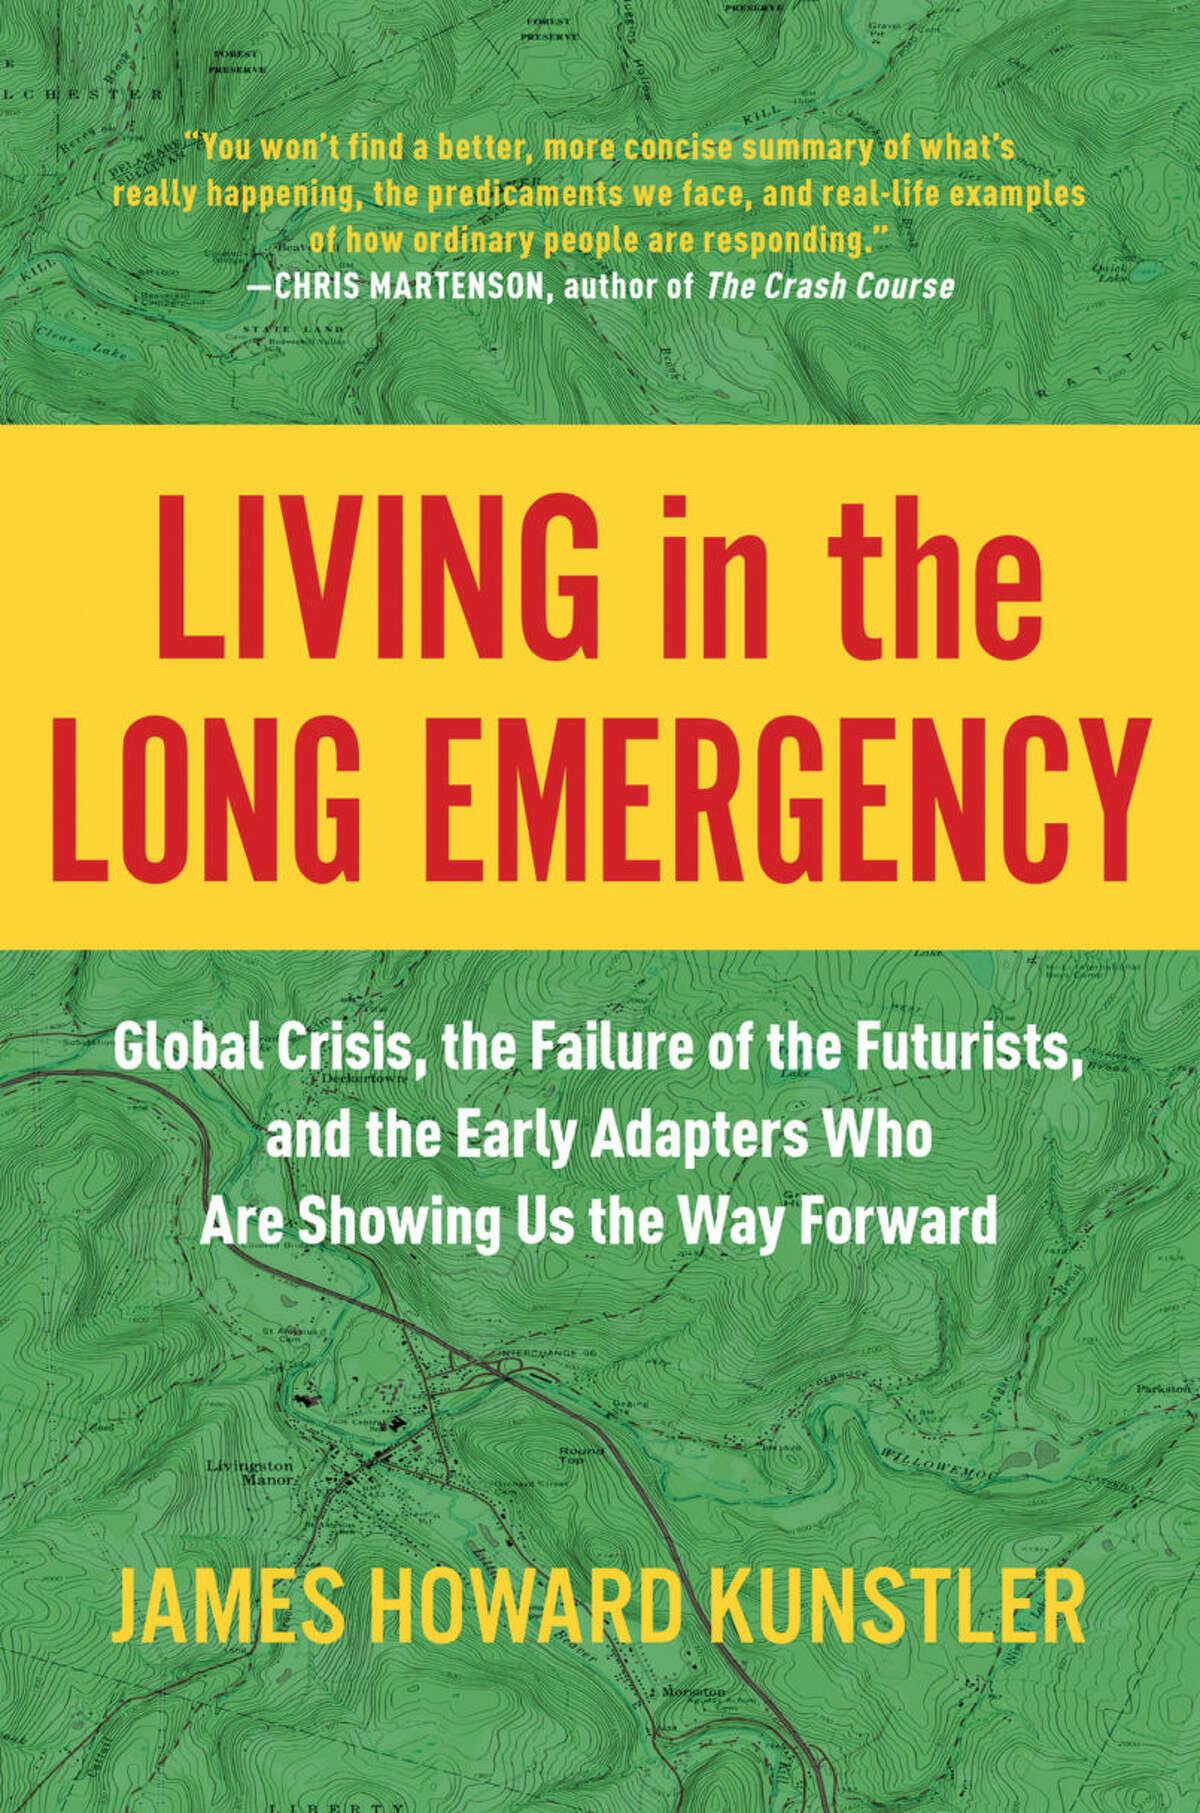 """""""Living in the Long Emergency"""" by James Howard Kunstler (BenBella Books)"""